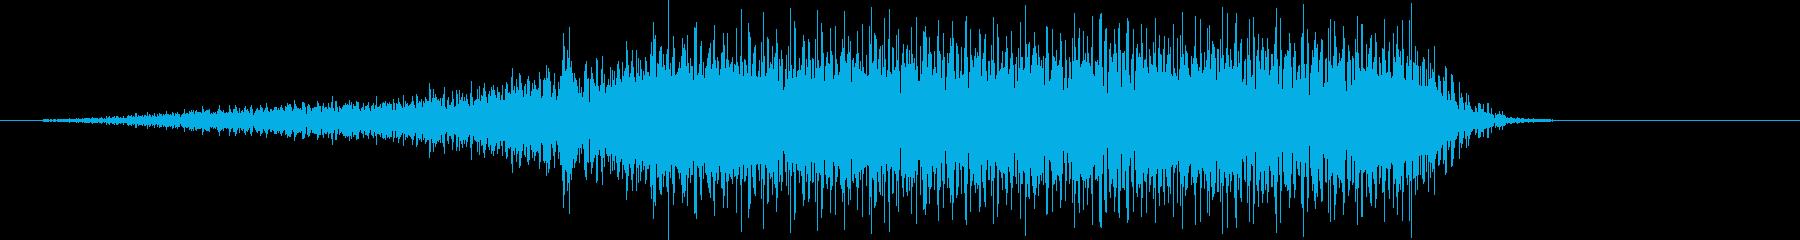 トラックのピックアップイン/ストッ...の再生済みの波形